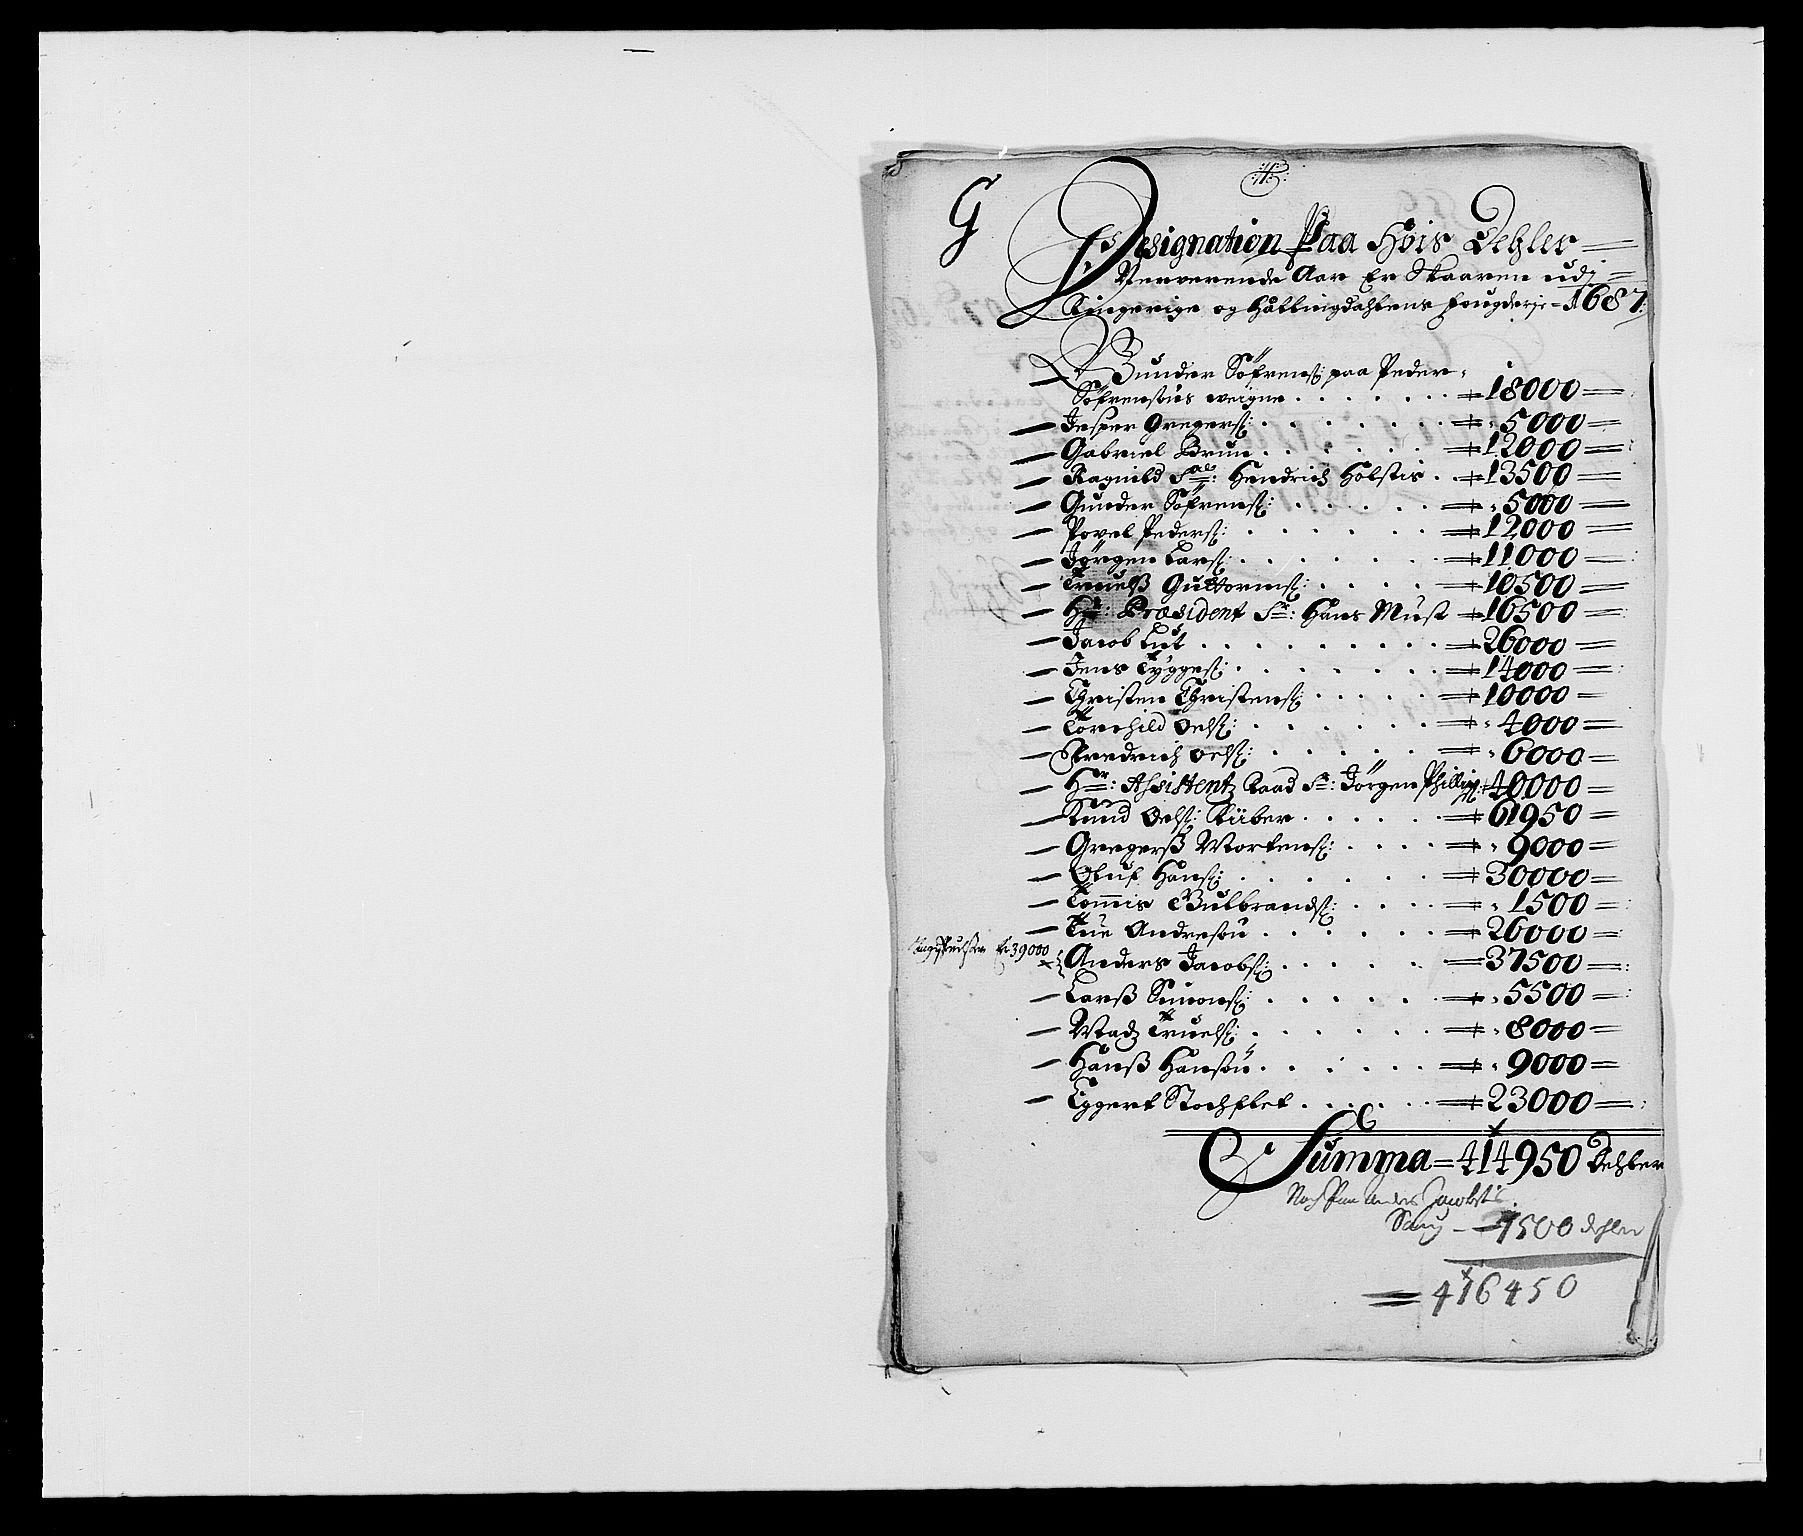 RA, Rentekammeret inntil 1814, Reviderte regnskaper, Fogderegnskap, R21/L1447: Fogderegnskap Ringerike og Hallingdal, 1687-1689, s. 60